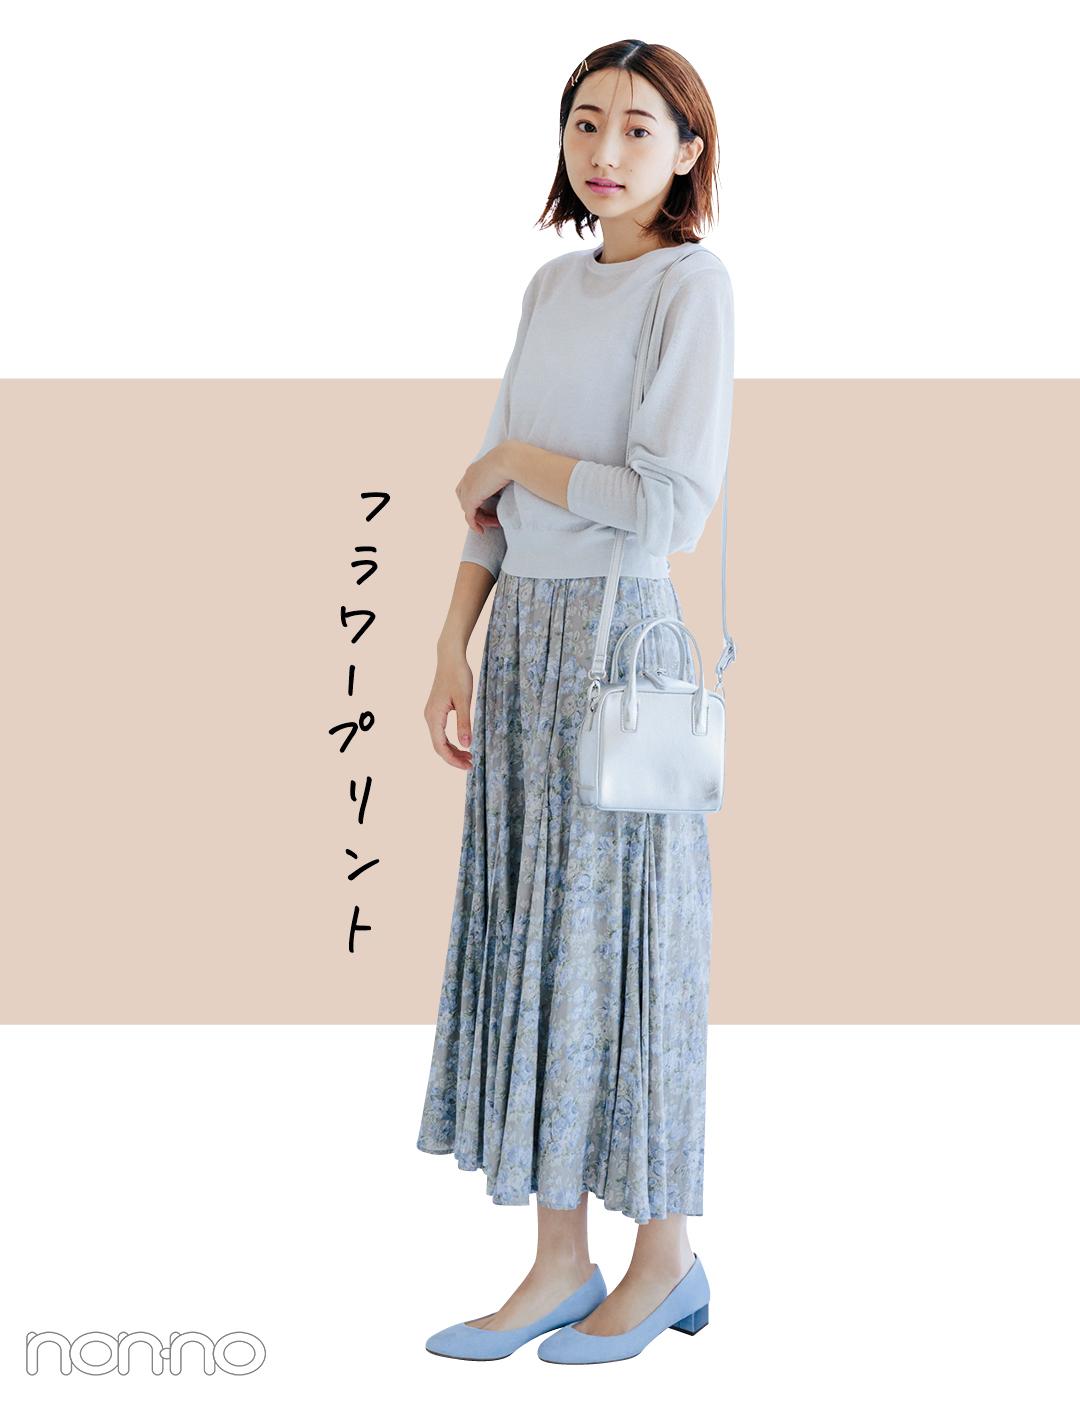 トレンドのあいまいカラーでスタイルアップできるスカートはコレ!_1_3